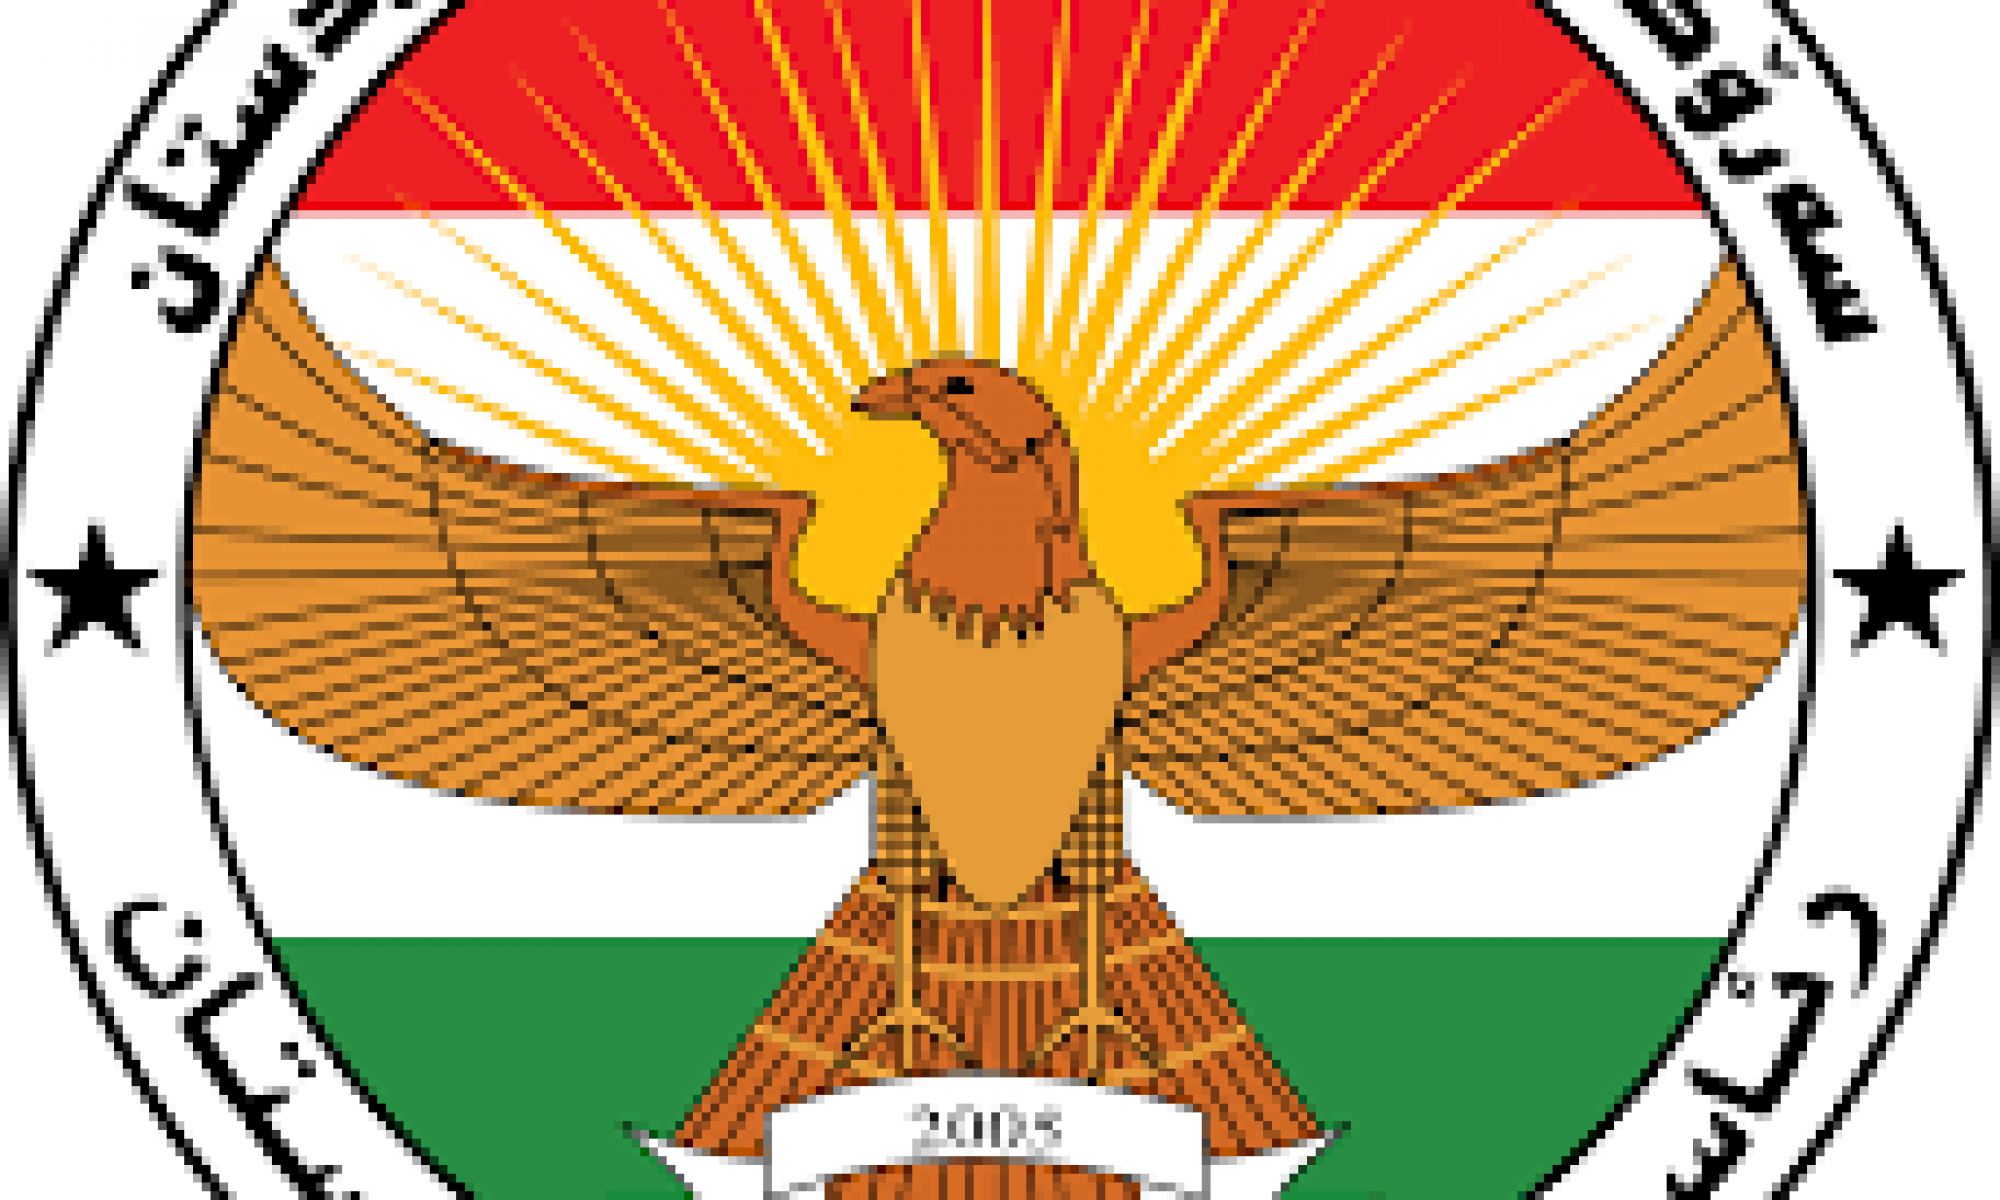 Kürdistan Bölgesi Başkanlığı'ndan Aldan Xalil'in açıklamasına cevap: İşbirlikçilikten bahsedildiğinde insanların aklına kimin geldiği ise açıkça bilinmektedir